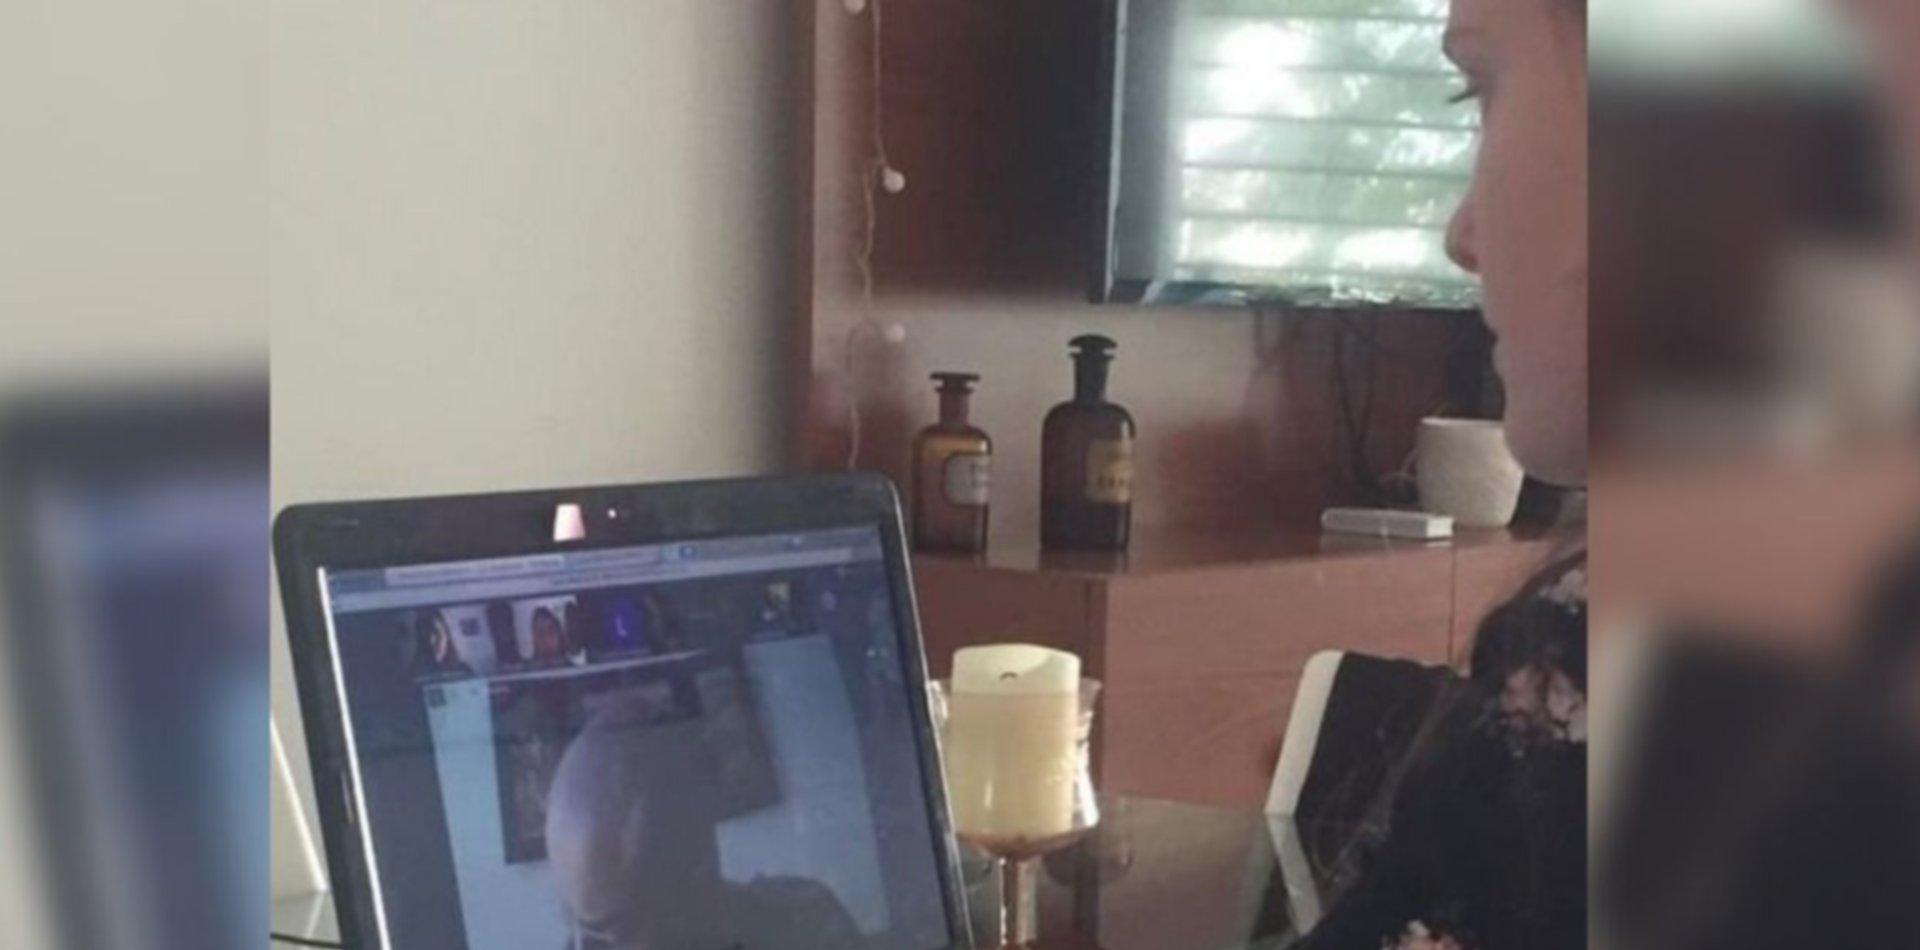 La UNLP ya tiene su primera graduada virtual en medio de la cuarentena